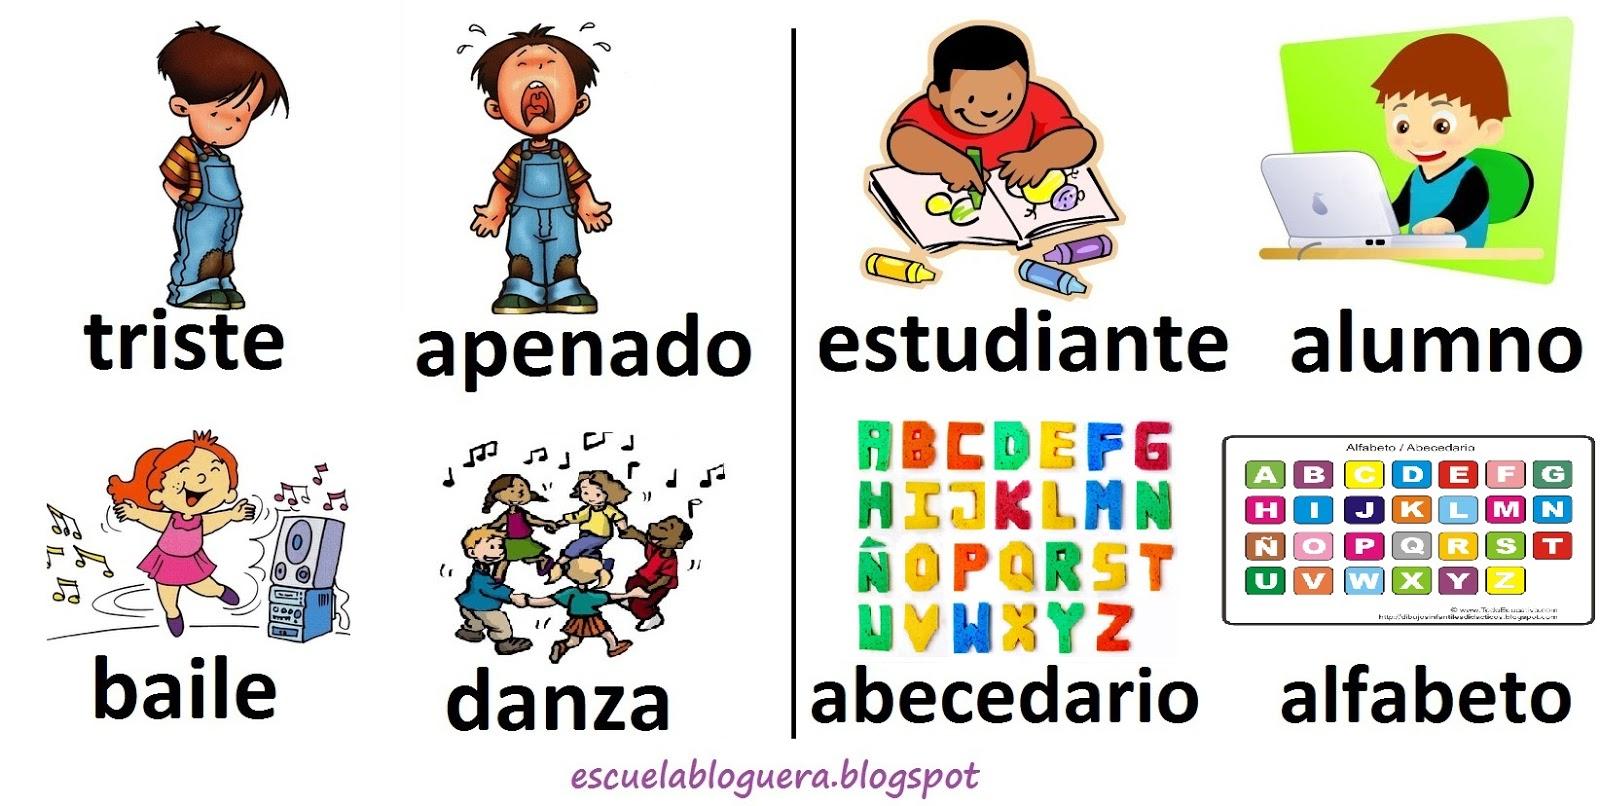 http://contenidos.educarex.es/mci/2003/46/html/actividades/semantica/hablardemas.htm